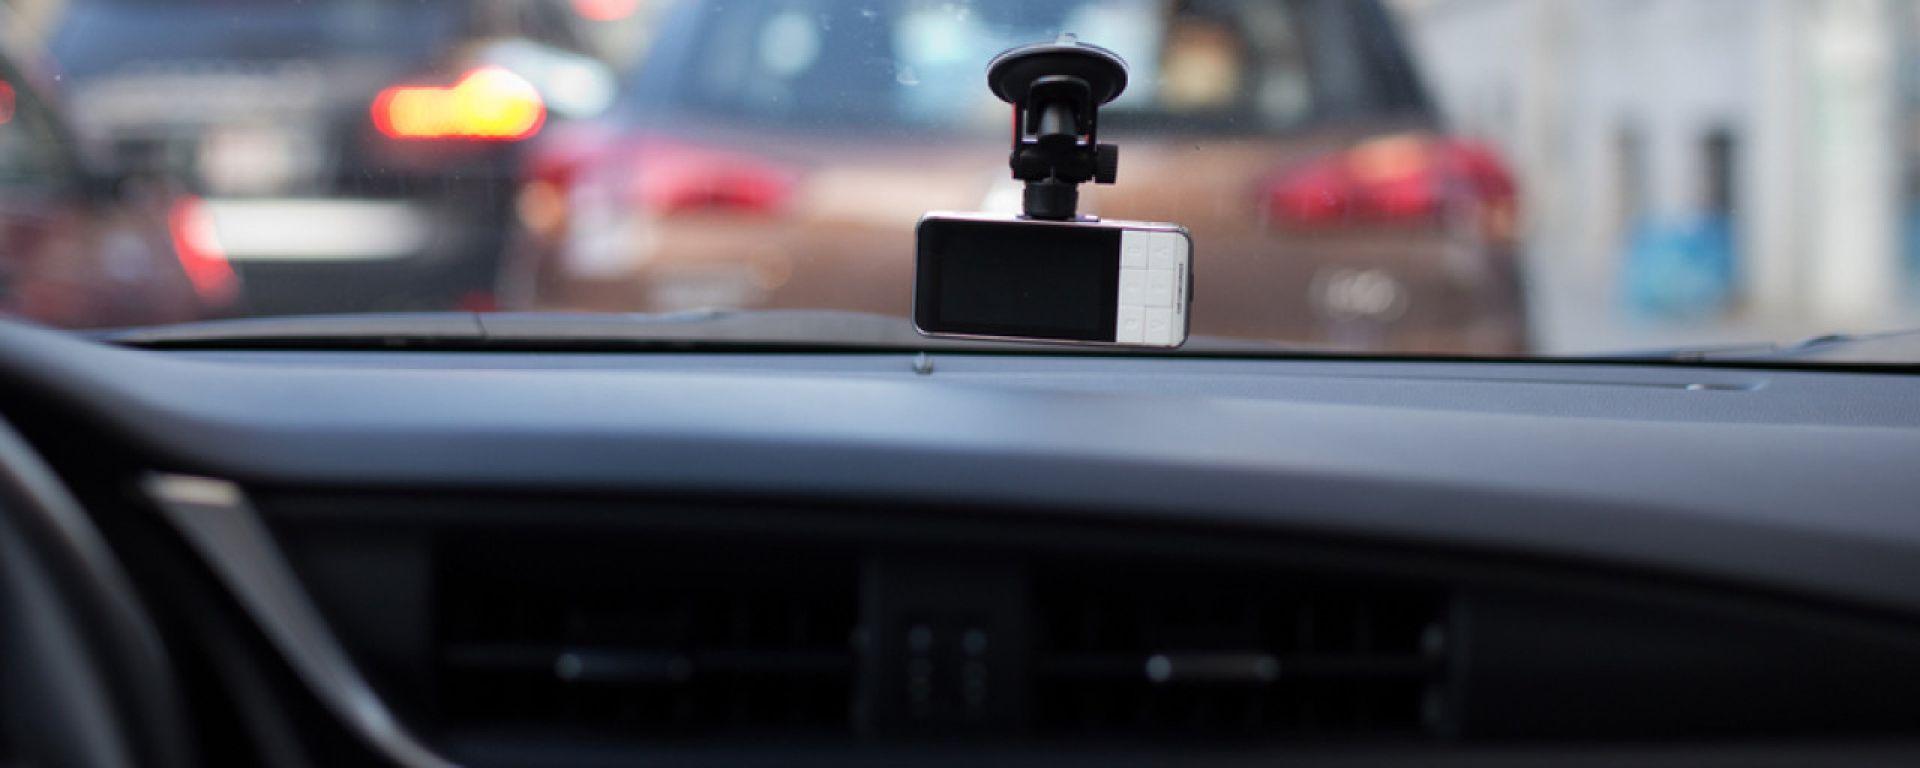 RC Auto e scatola nera, novità in materia di sconto